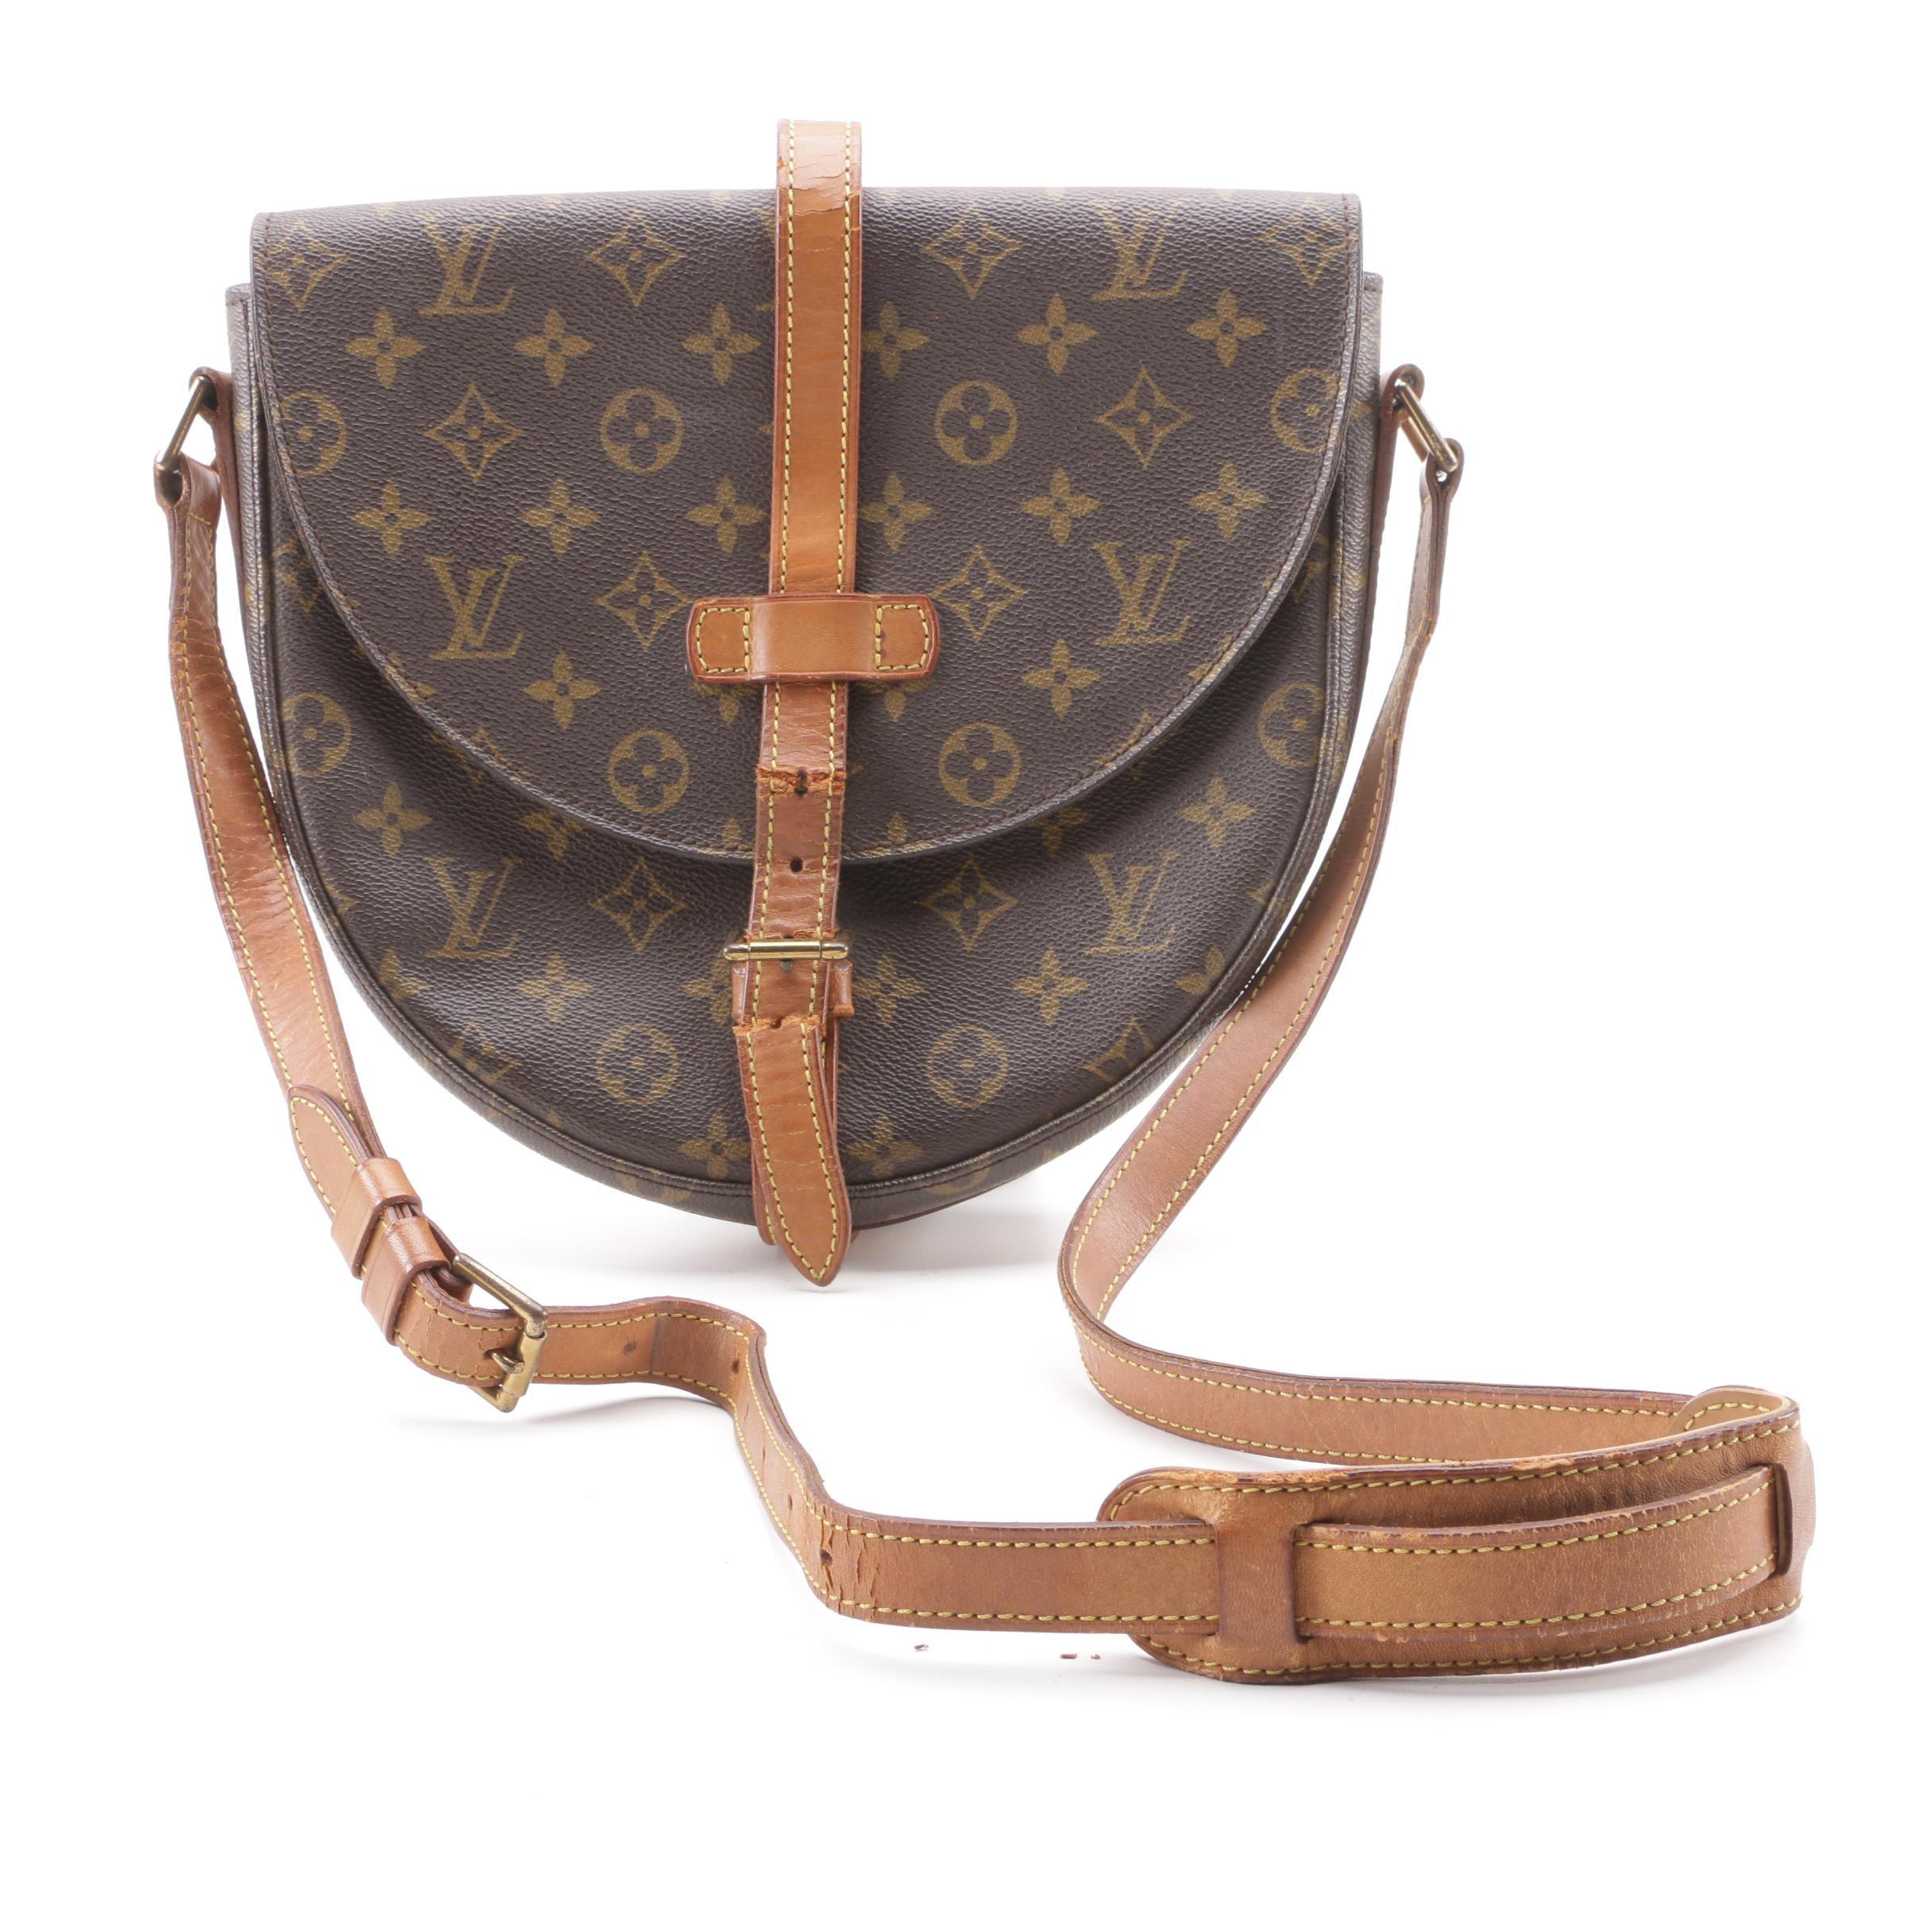 1988 Vintage Louis Vuitton Paris Monogram Canvas Chantilly MM Crossbody Bag